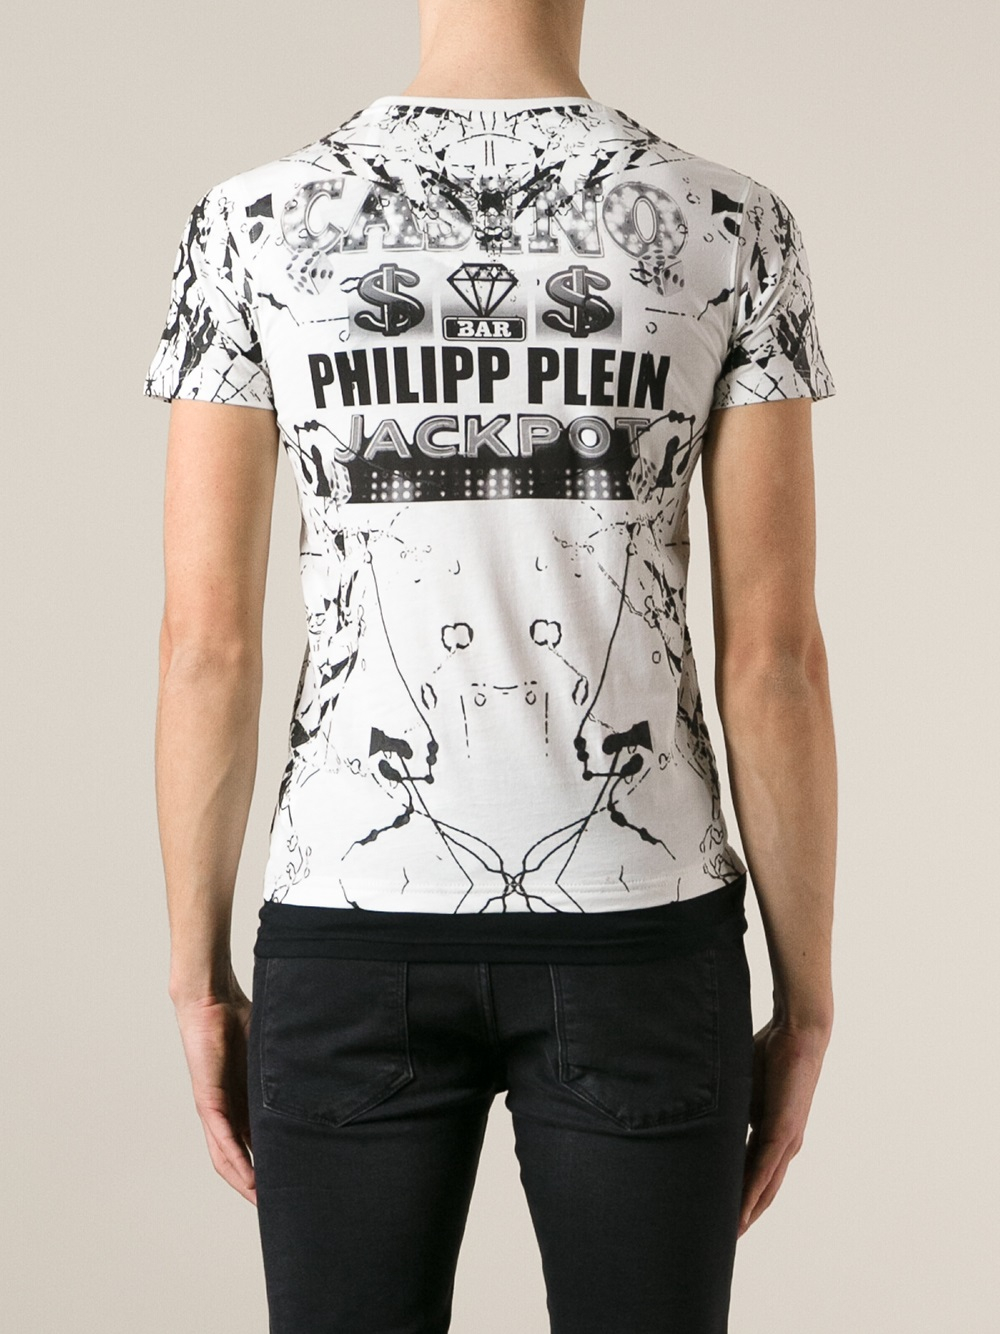 philipp plein t shirt casino